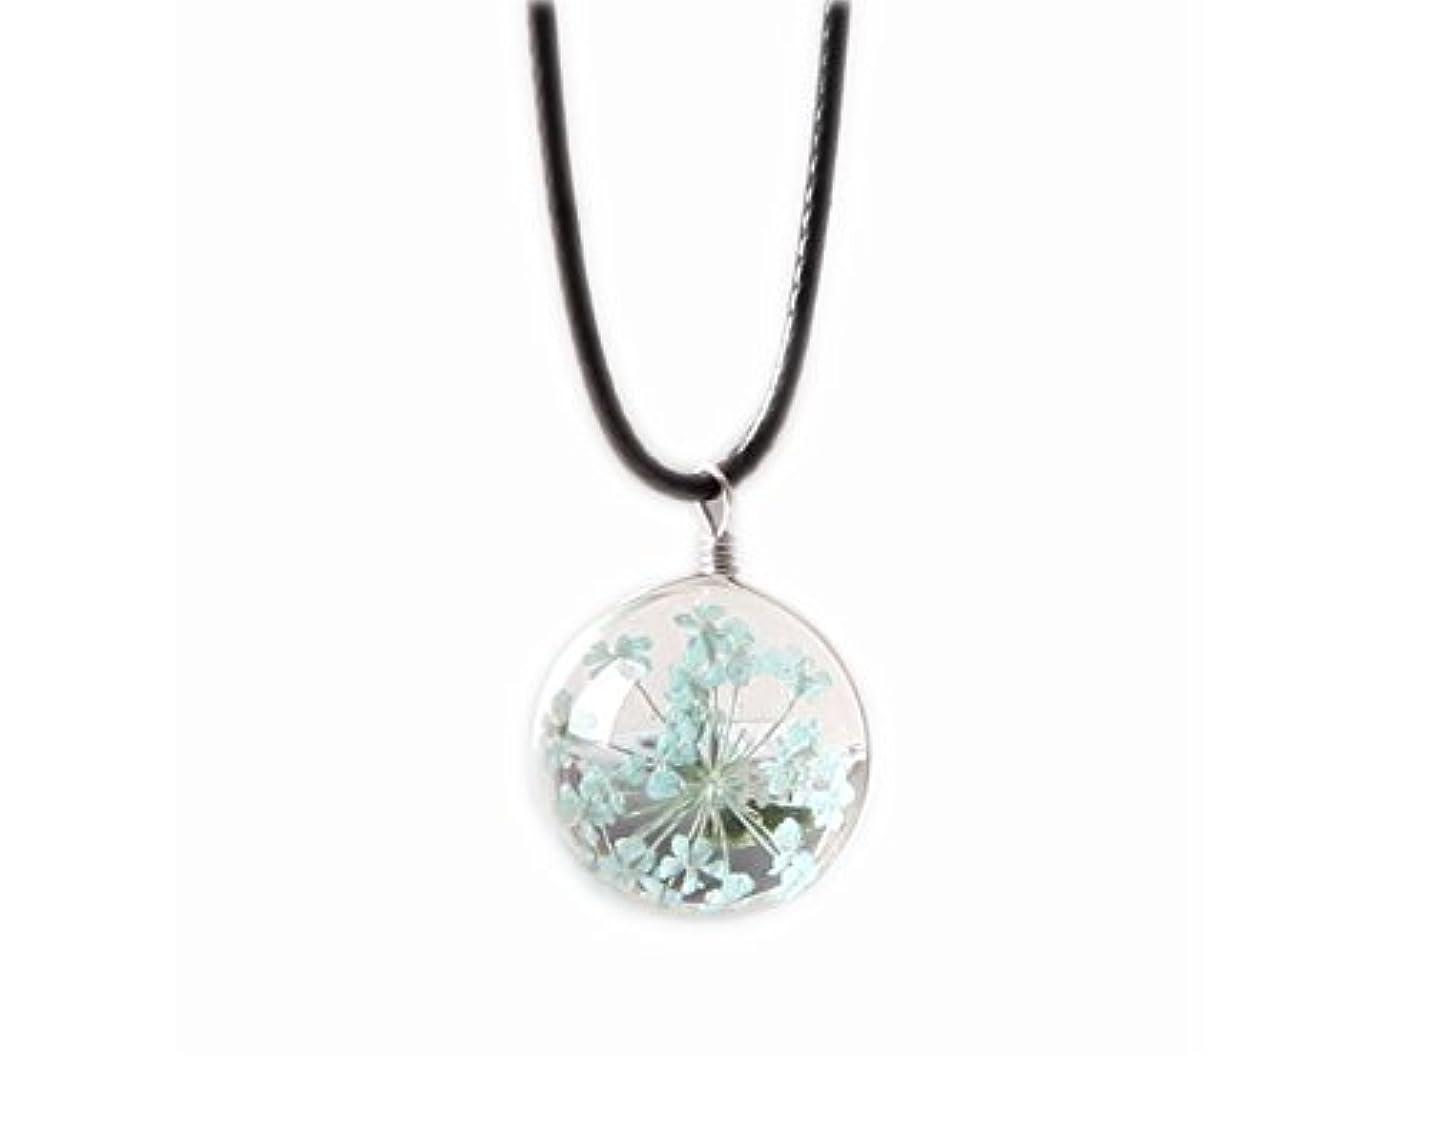 戻る驚かすキャンドルペンダントネックレスのギフトGypsophila乾いた花のネックレス - 青